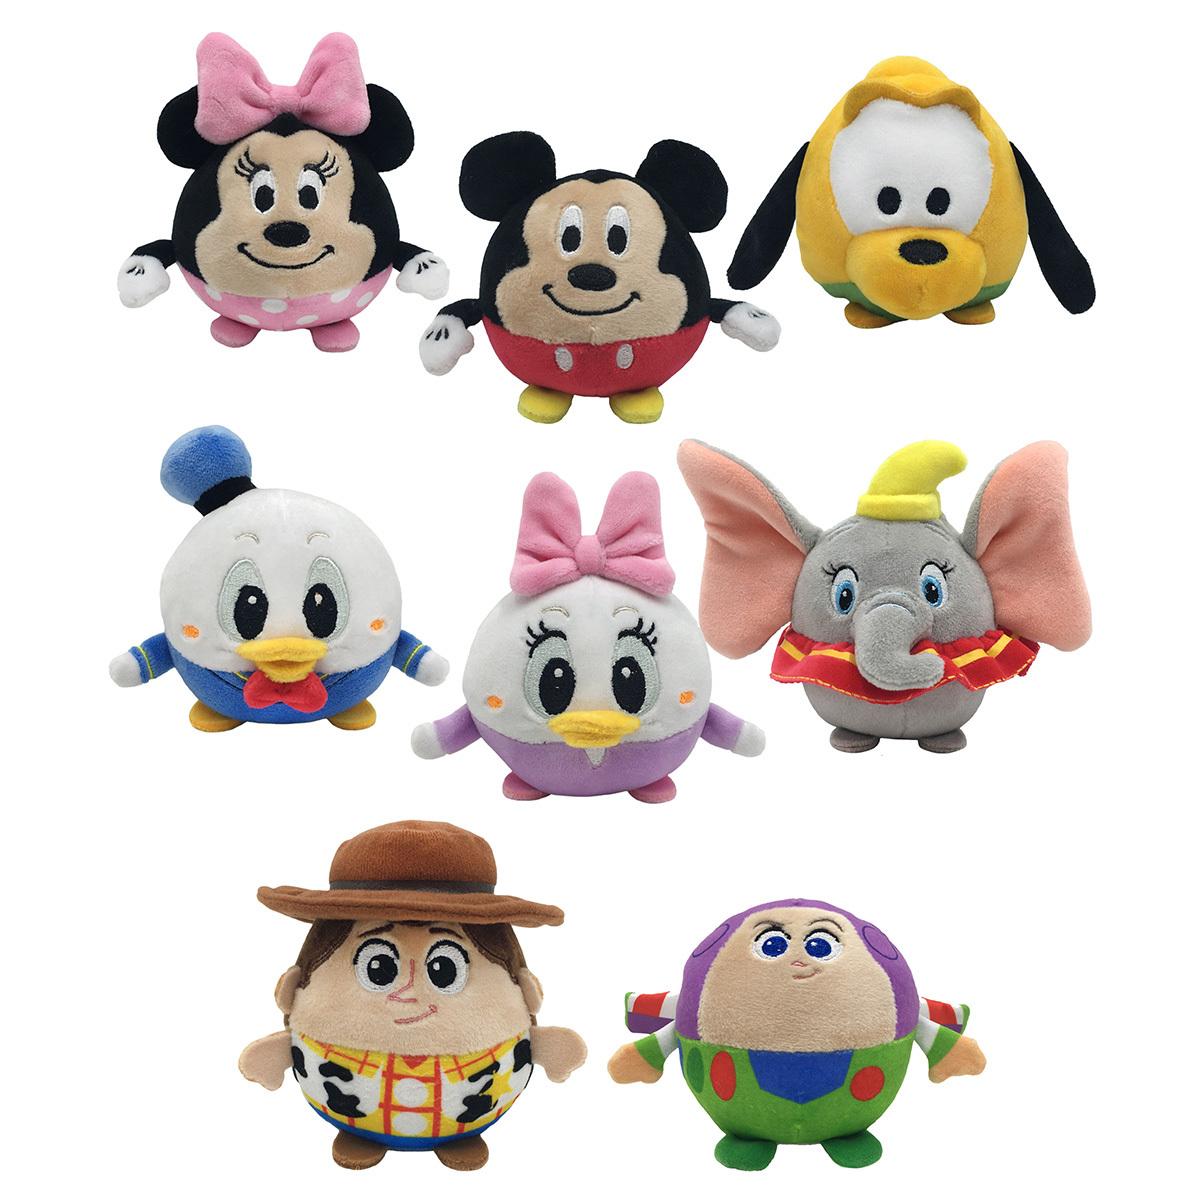 Costco: Disney, Baby Cuddle Pals de 7.6 cm (8 Piezas)